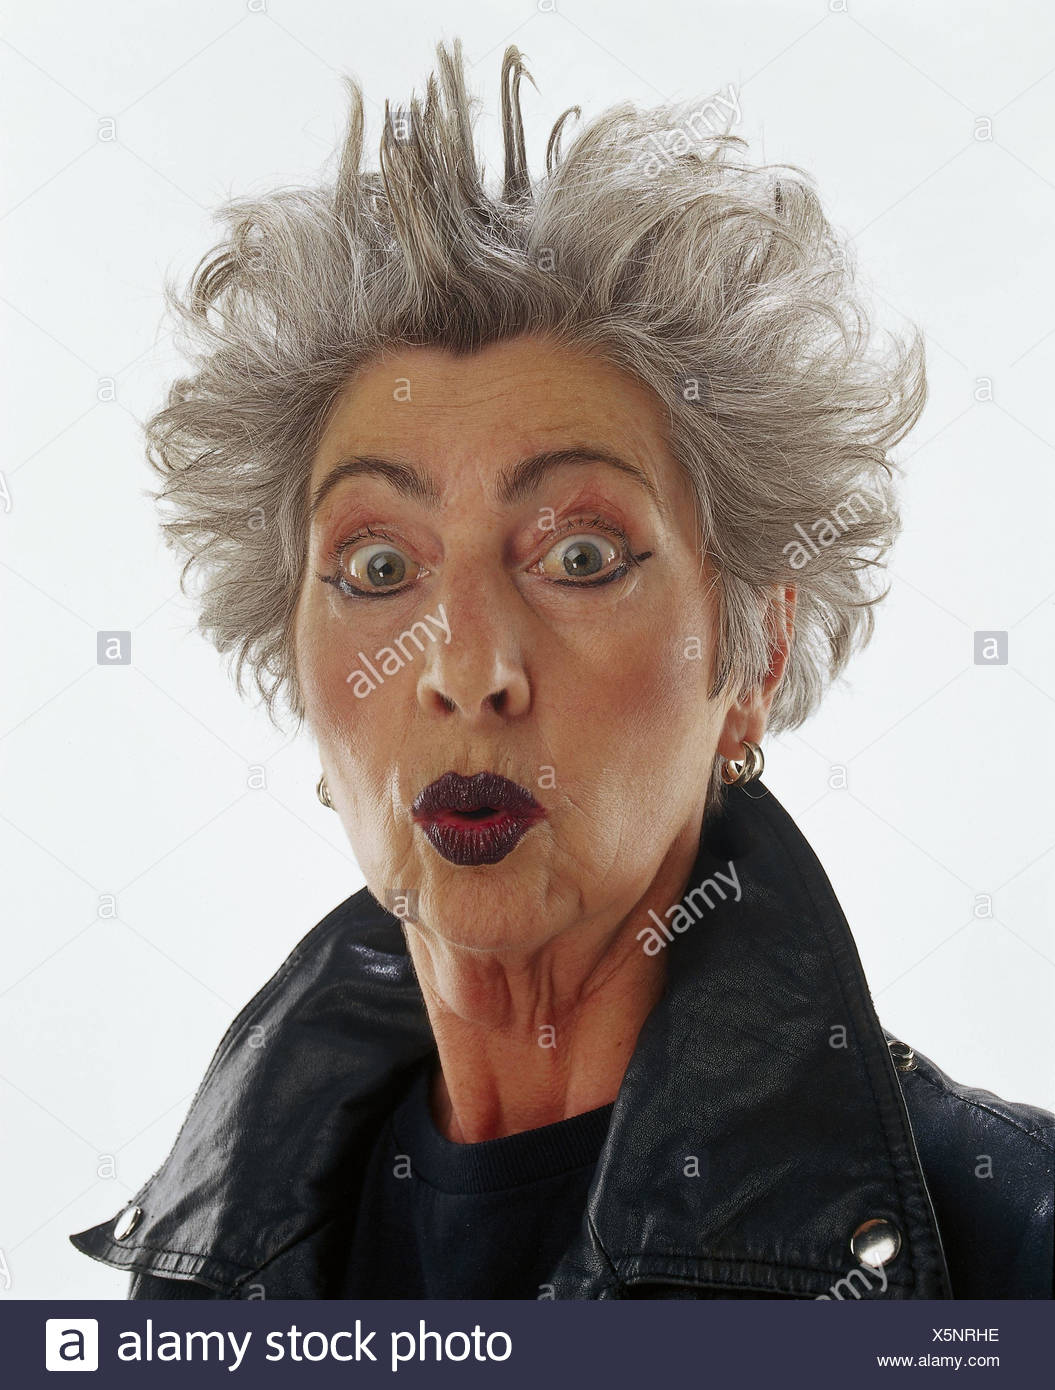 online retailer ebae6 85c40 Senior, capelli, retro-pettini, make-up, una palla di cuoio ...